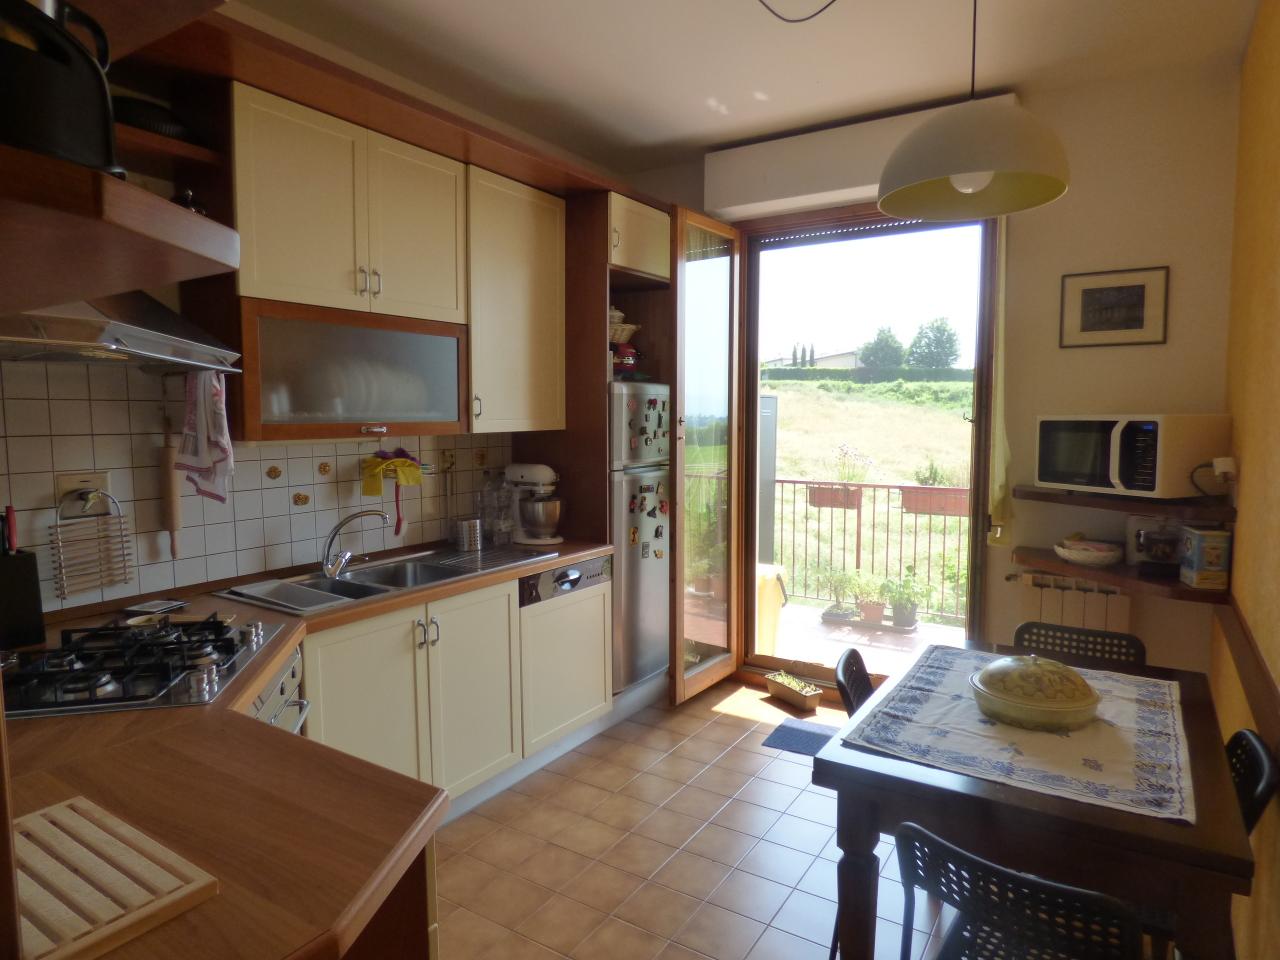 Appartamento in vendita a Scarperia e San Piero, 3 locali, prezzo € 125.000 | PortaleAgenzieImmobiliari.it